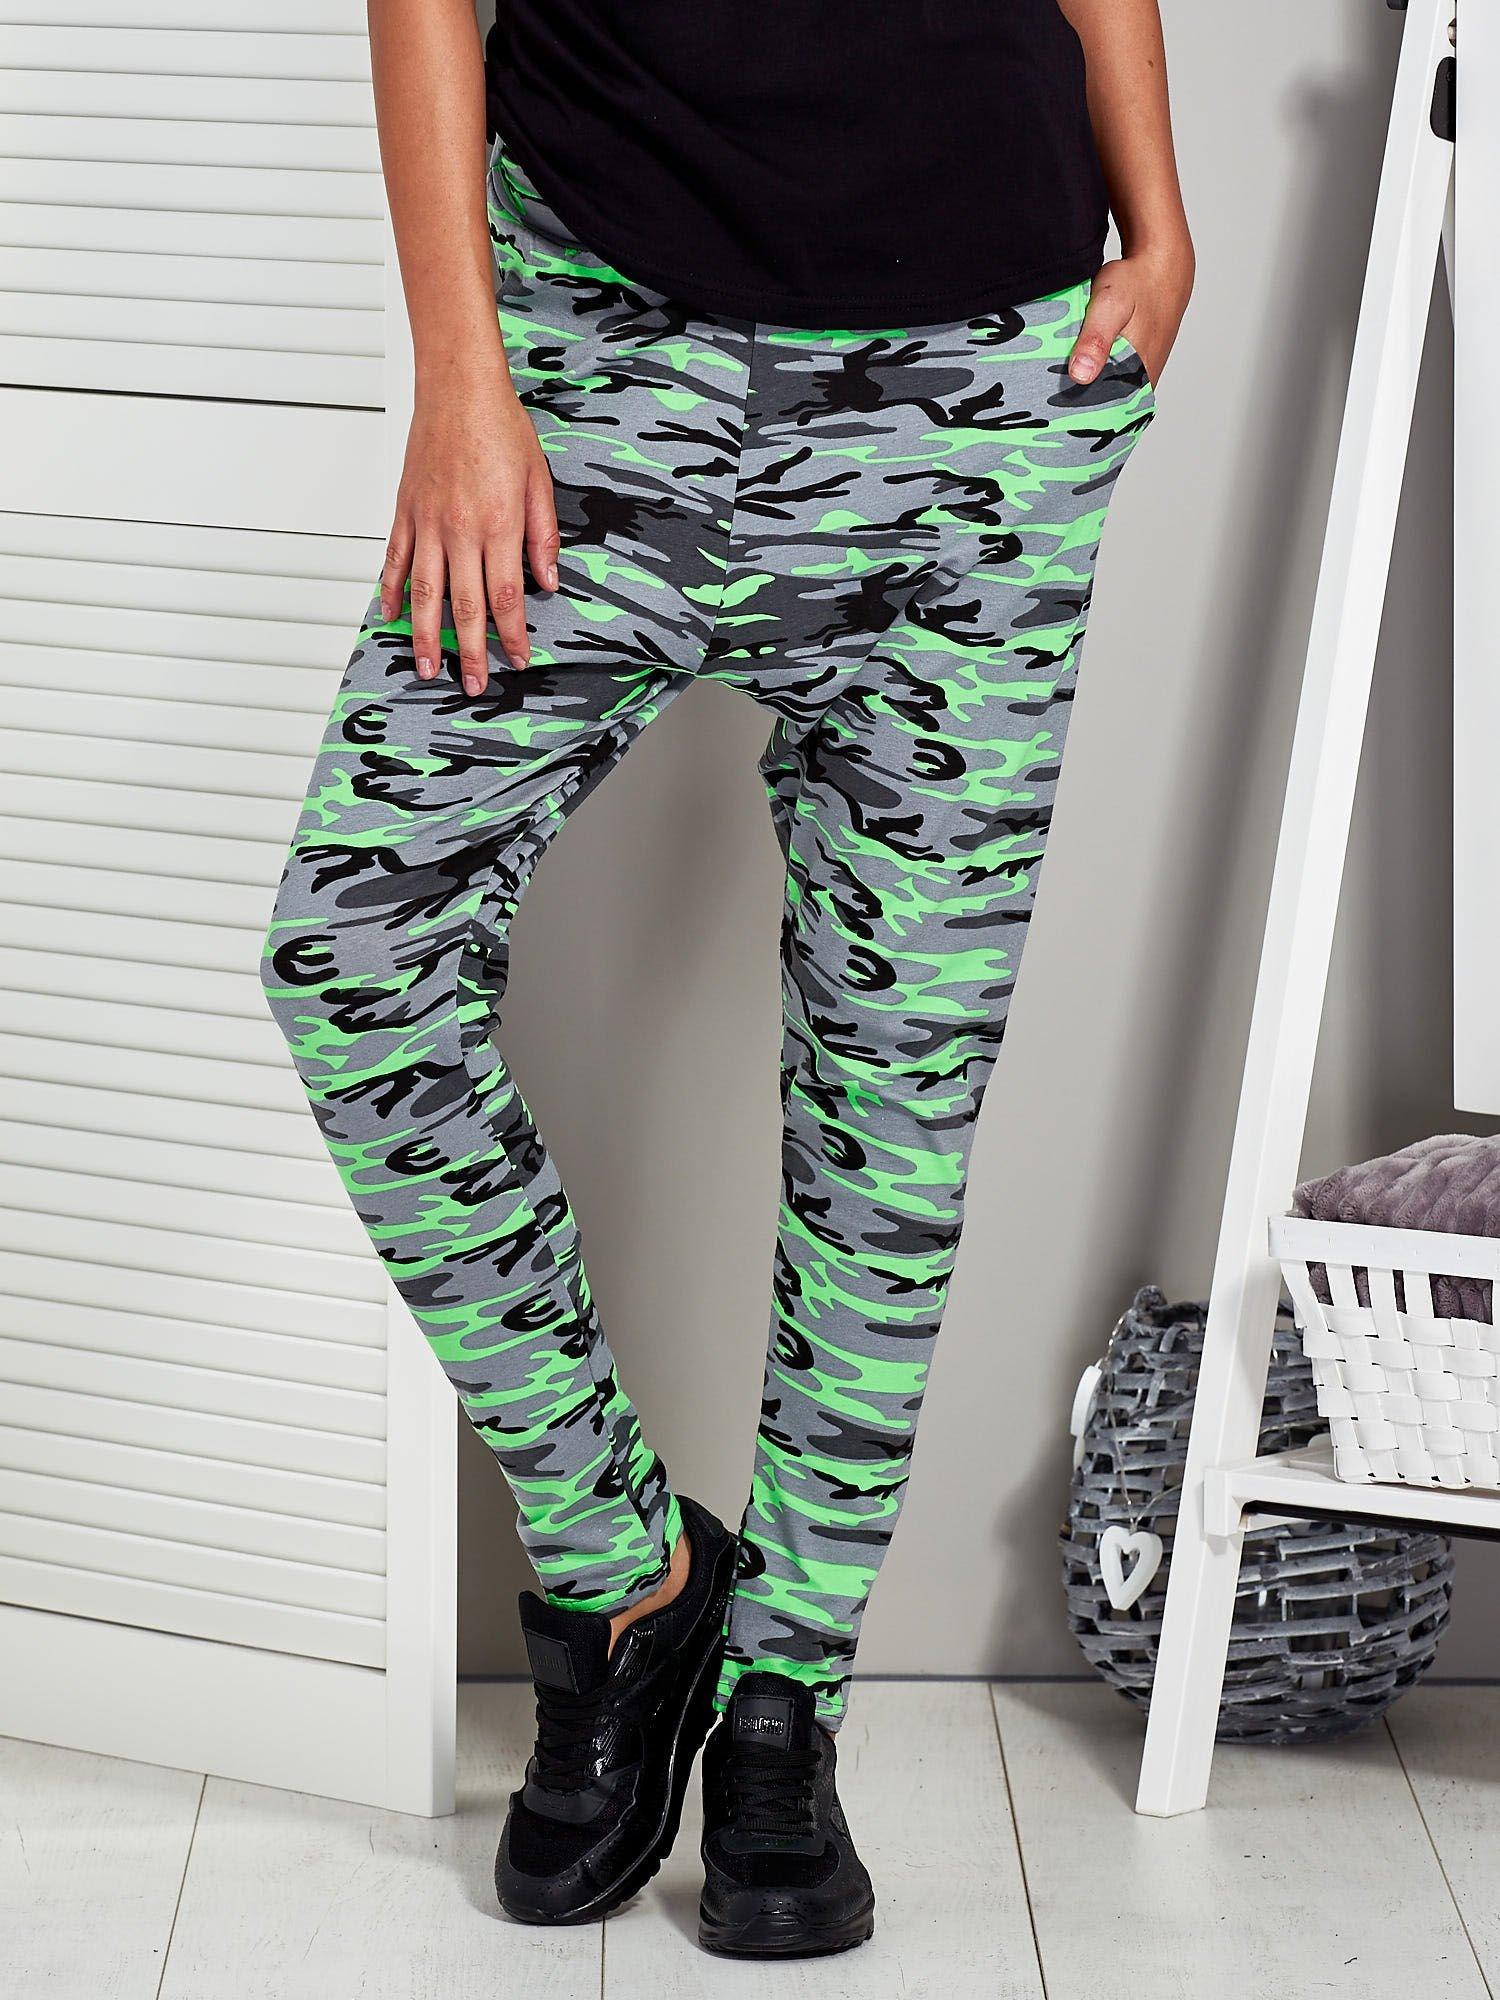 c38ed493f1a7d6 Szaro-zielone spodnie dresowe moro - Spodnie Dresowe - sklep eButik.pl